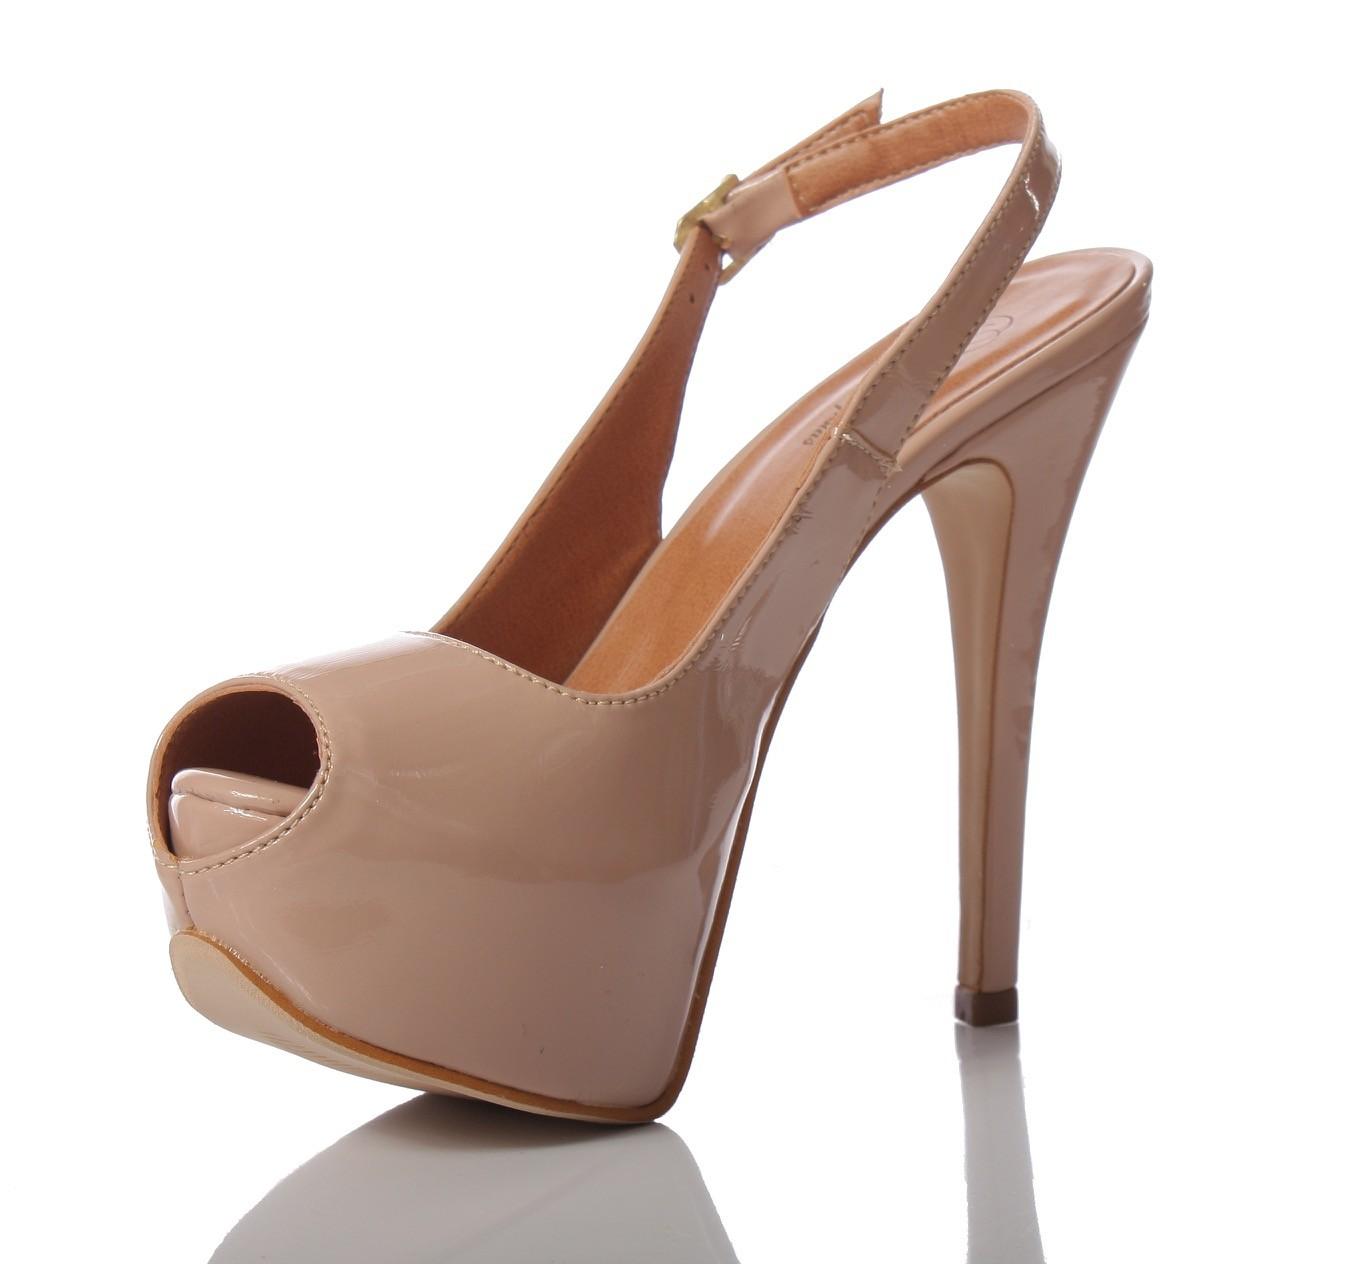 b3933a215 Sapato para noivas e festas PNF 10 Nude- Patrícia Noivas e Festas